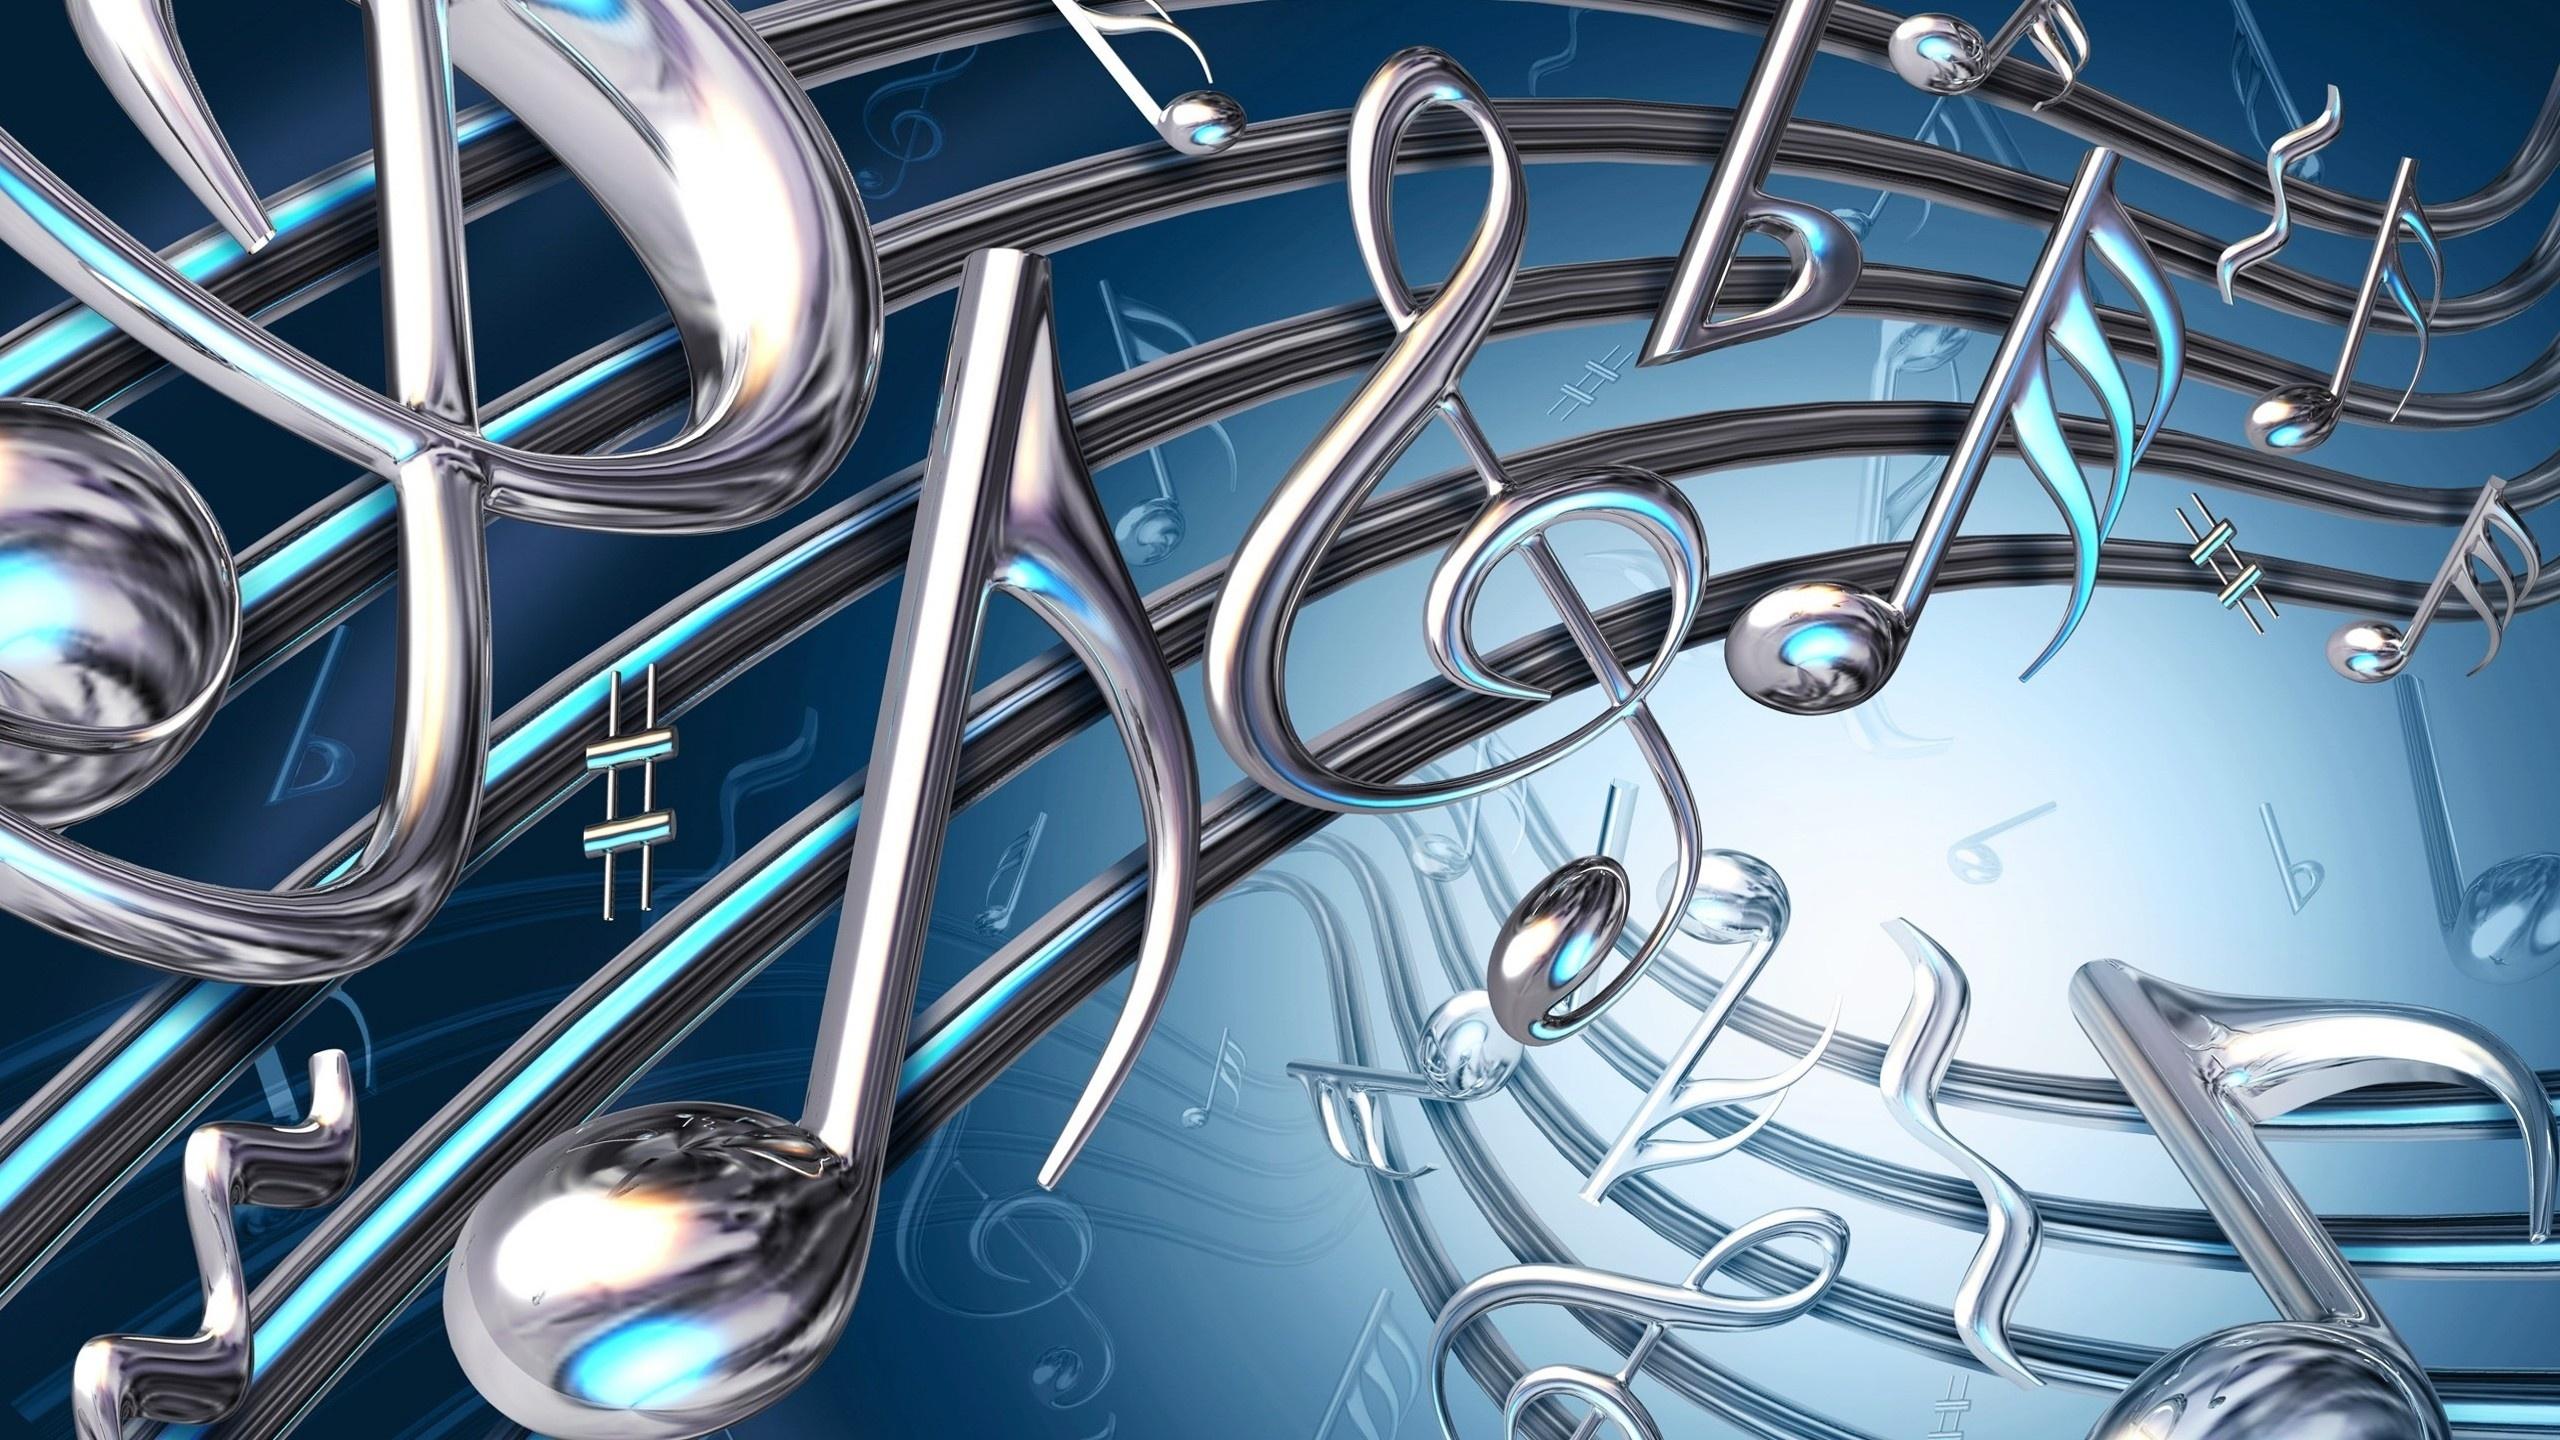 Music Notes Wallpaper 47826 49384 Hd Wallpapers Feilding Brass